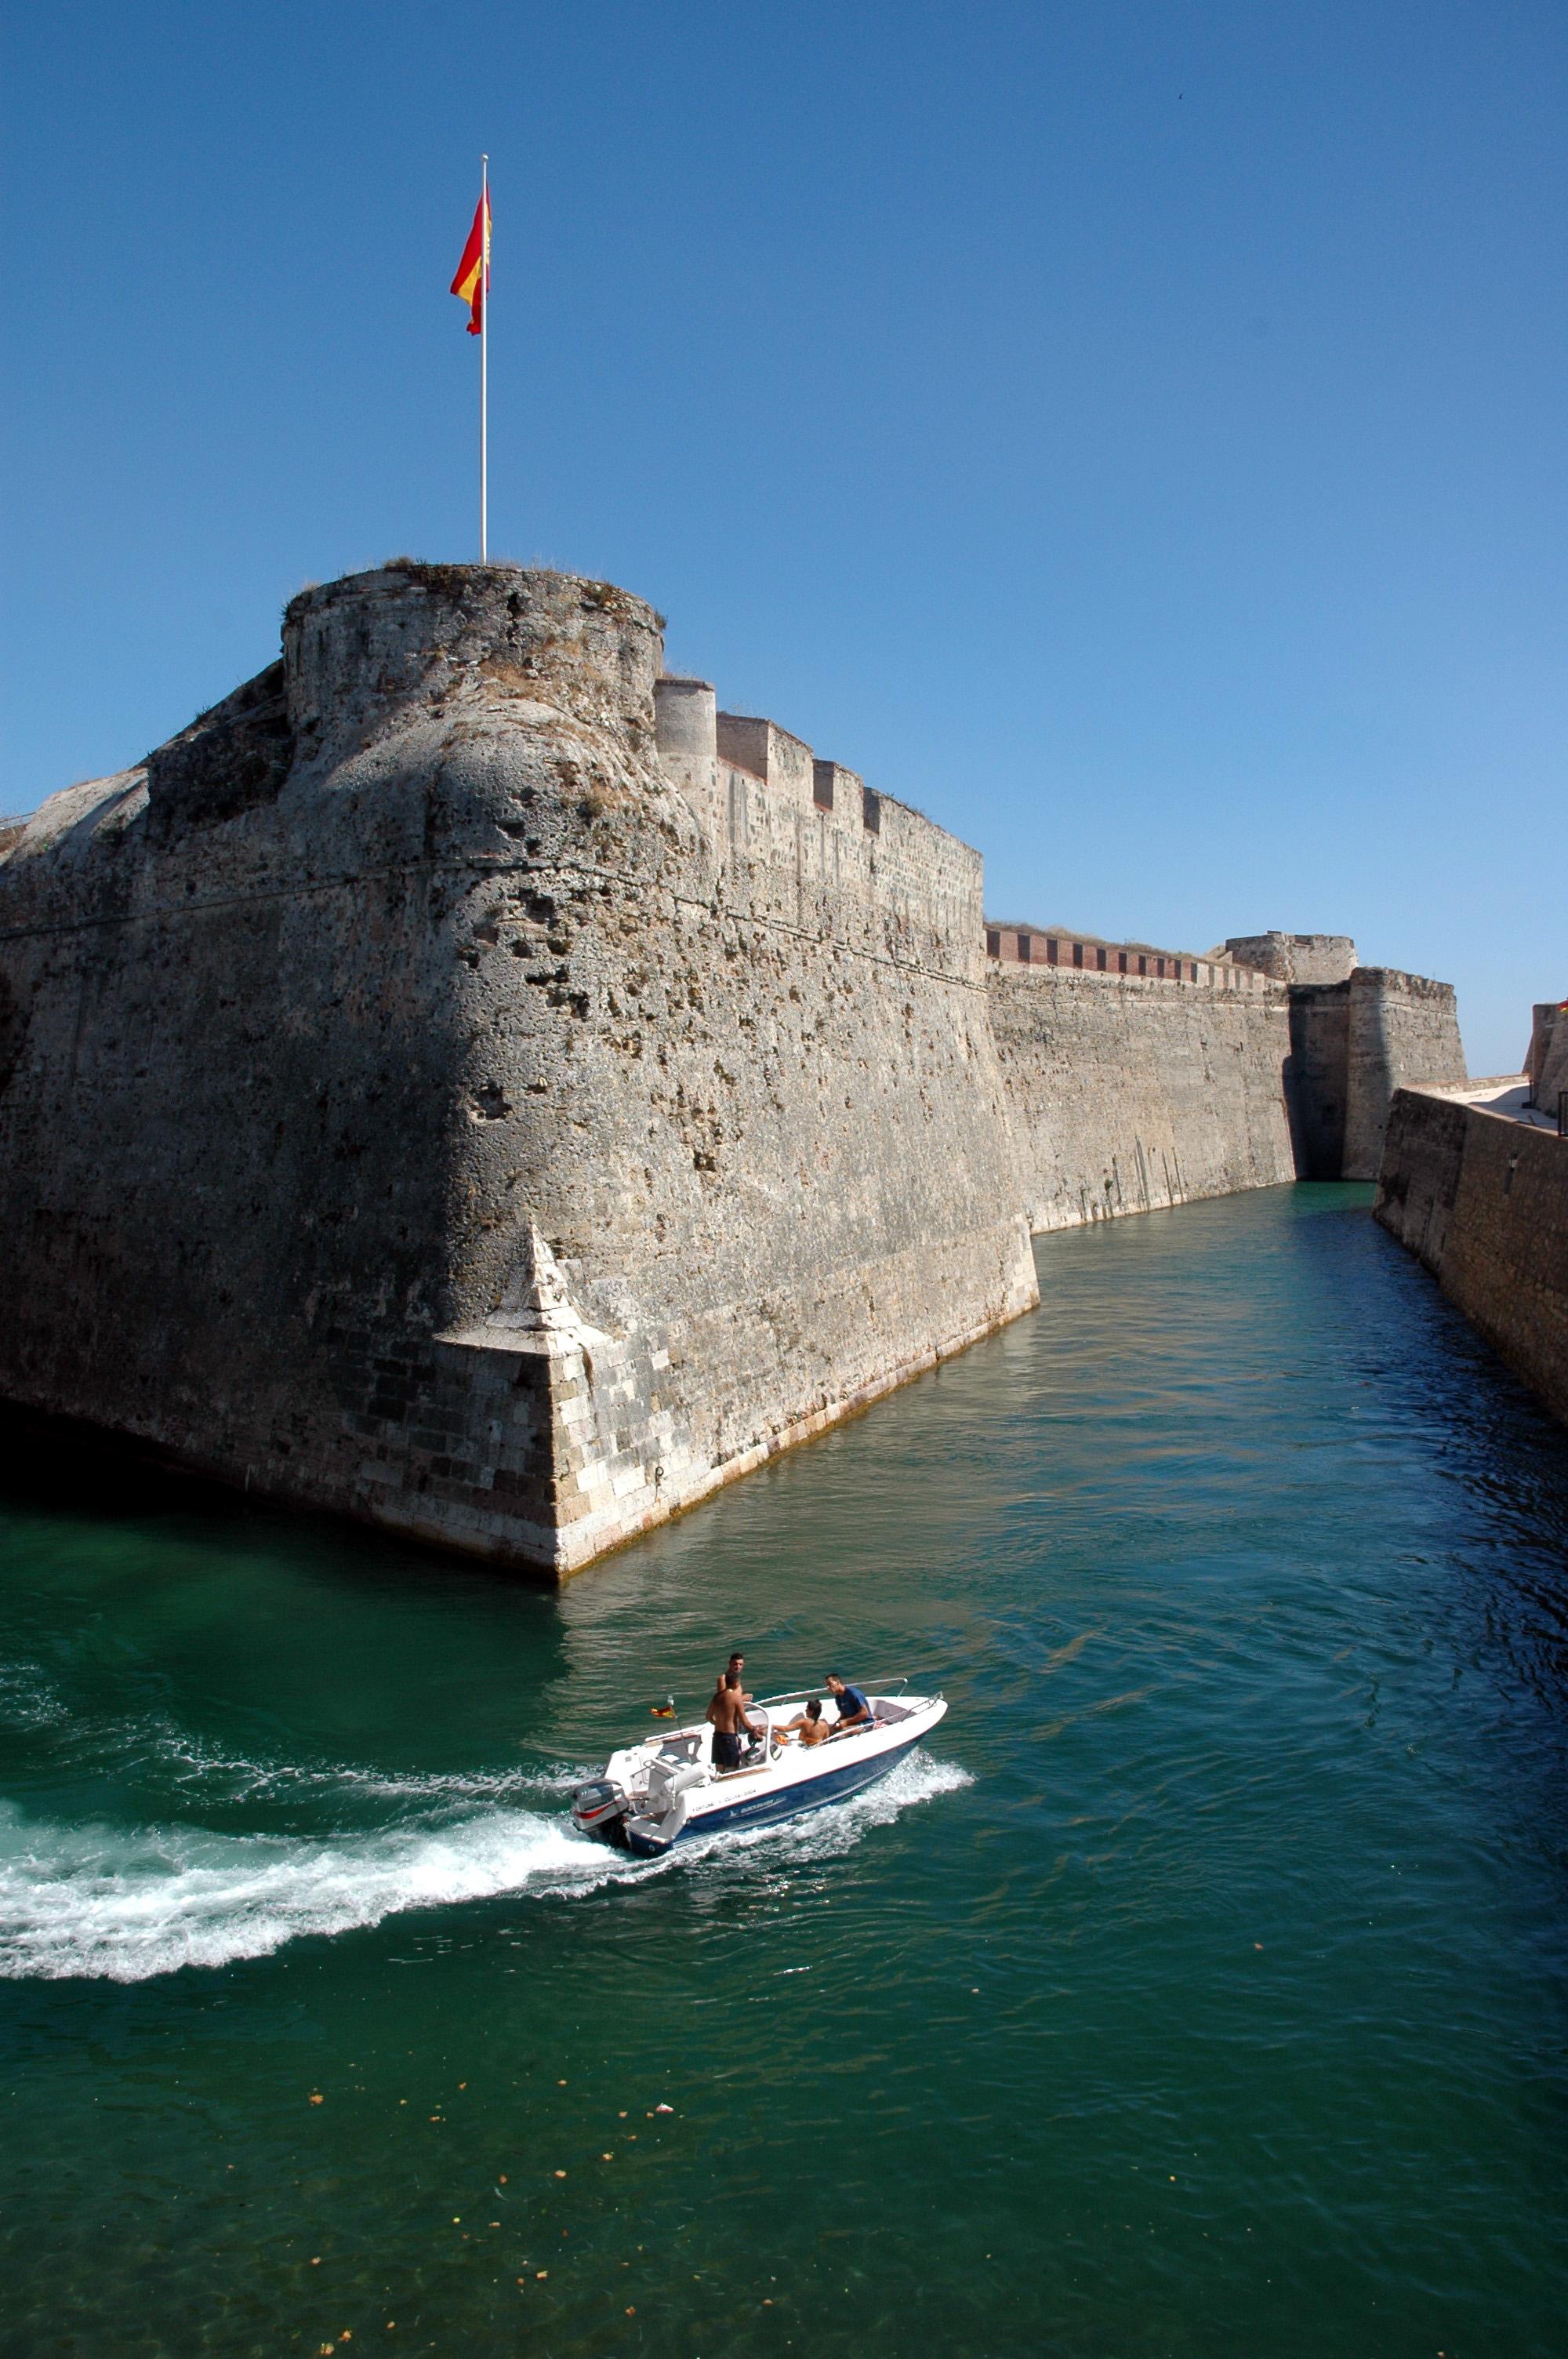 Spain Ceuta And Melilla Ceuta Spain.jpg